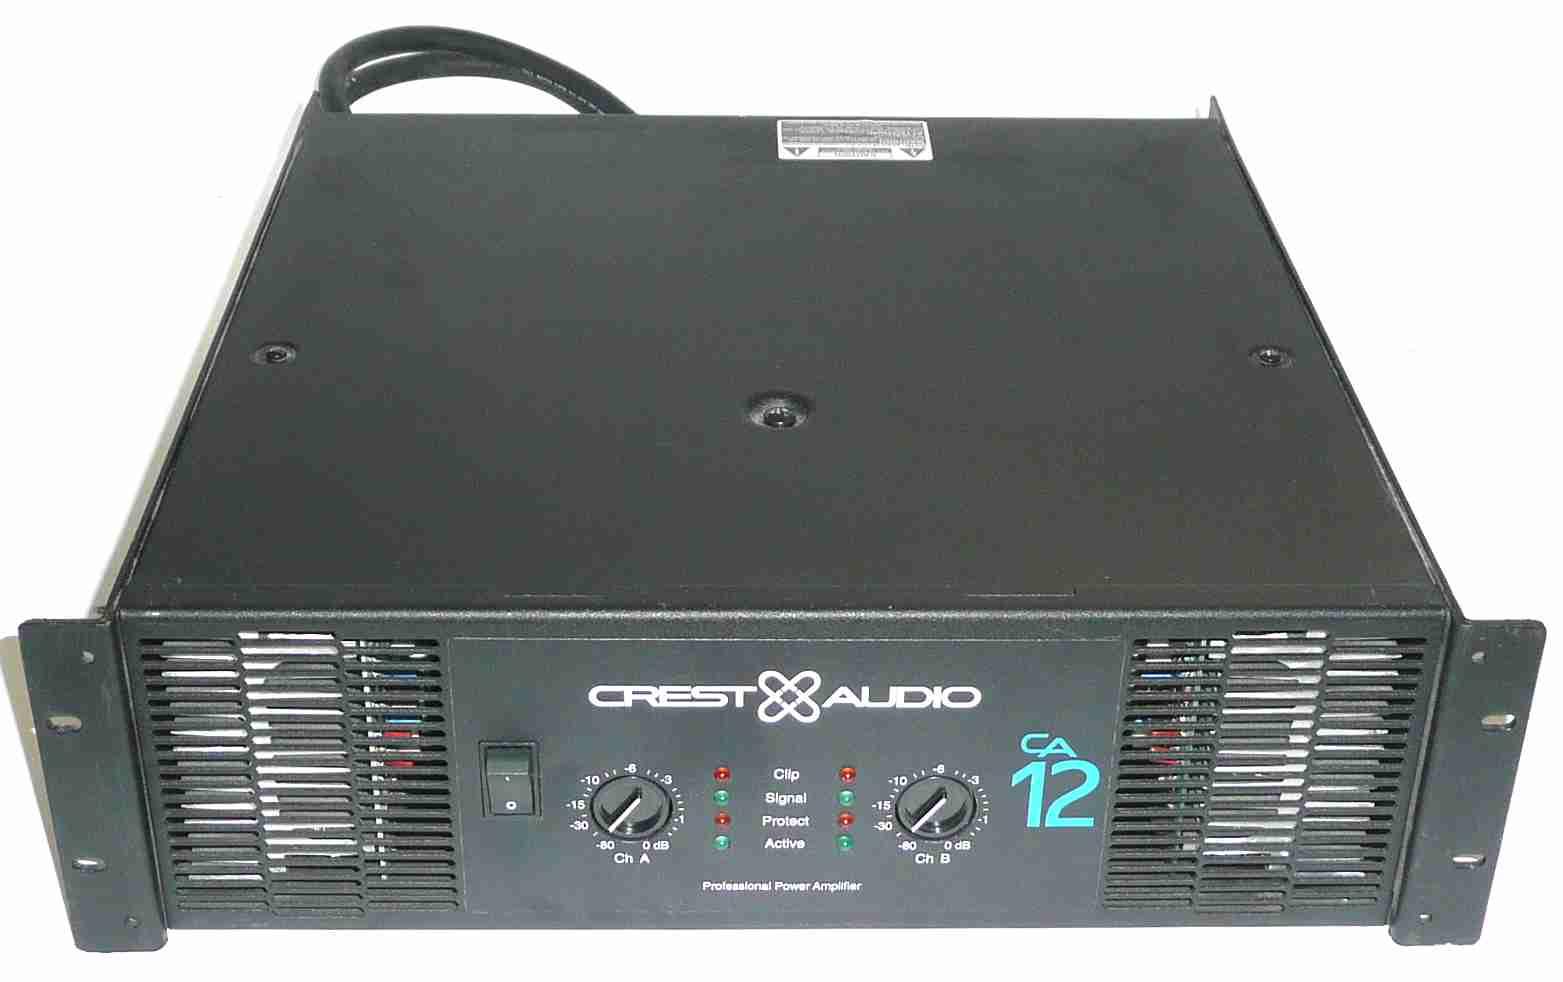 Giao diện main karaoke chinh hang crest audio ca 12